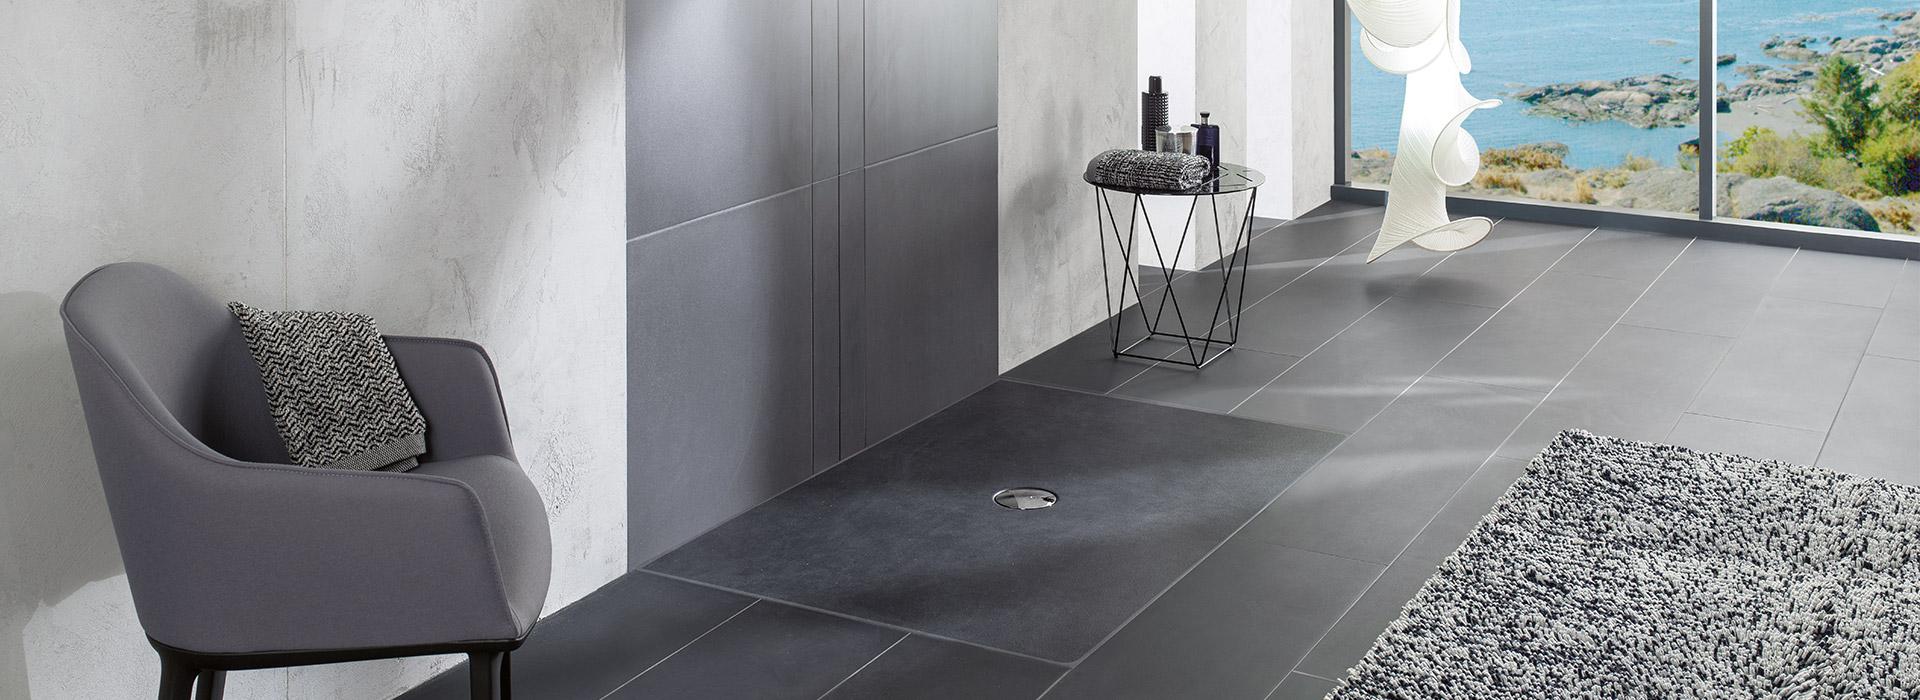 Best Www Villeroy Boch Nl Badkamer Images - New Home Design 2018 ...